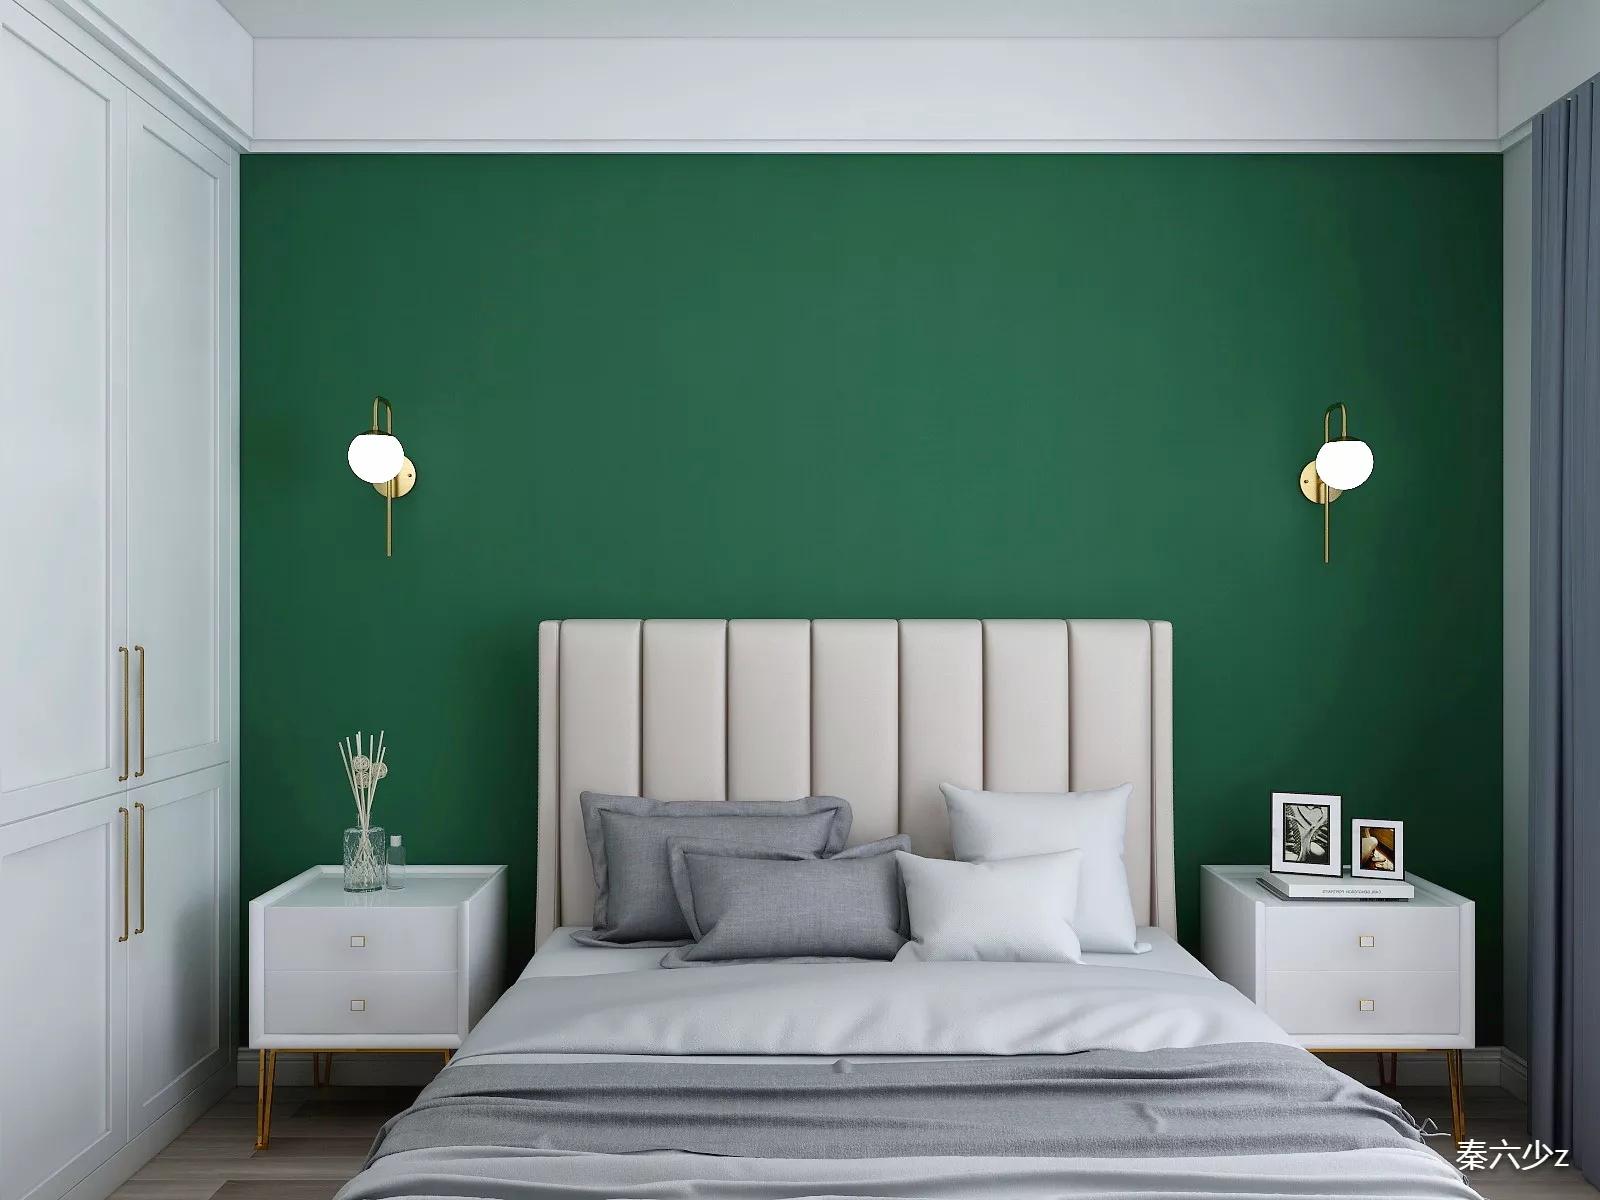 简约宜家风时尚混搭二居室家居装修效果图